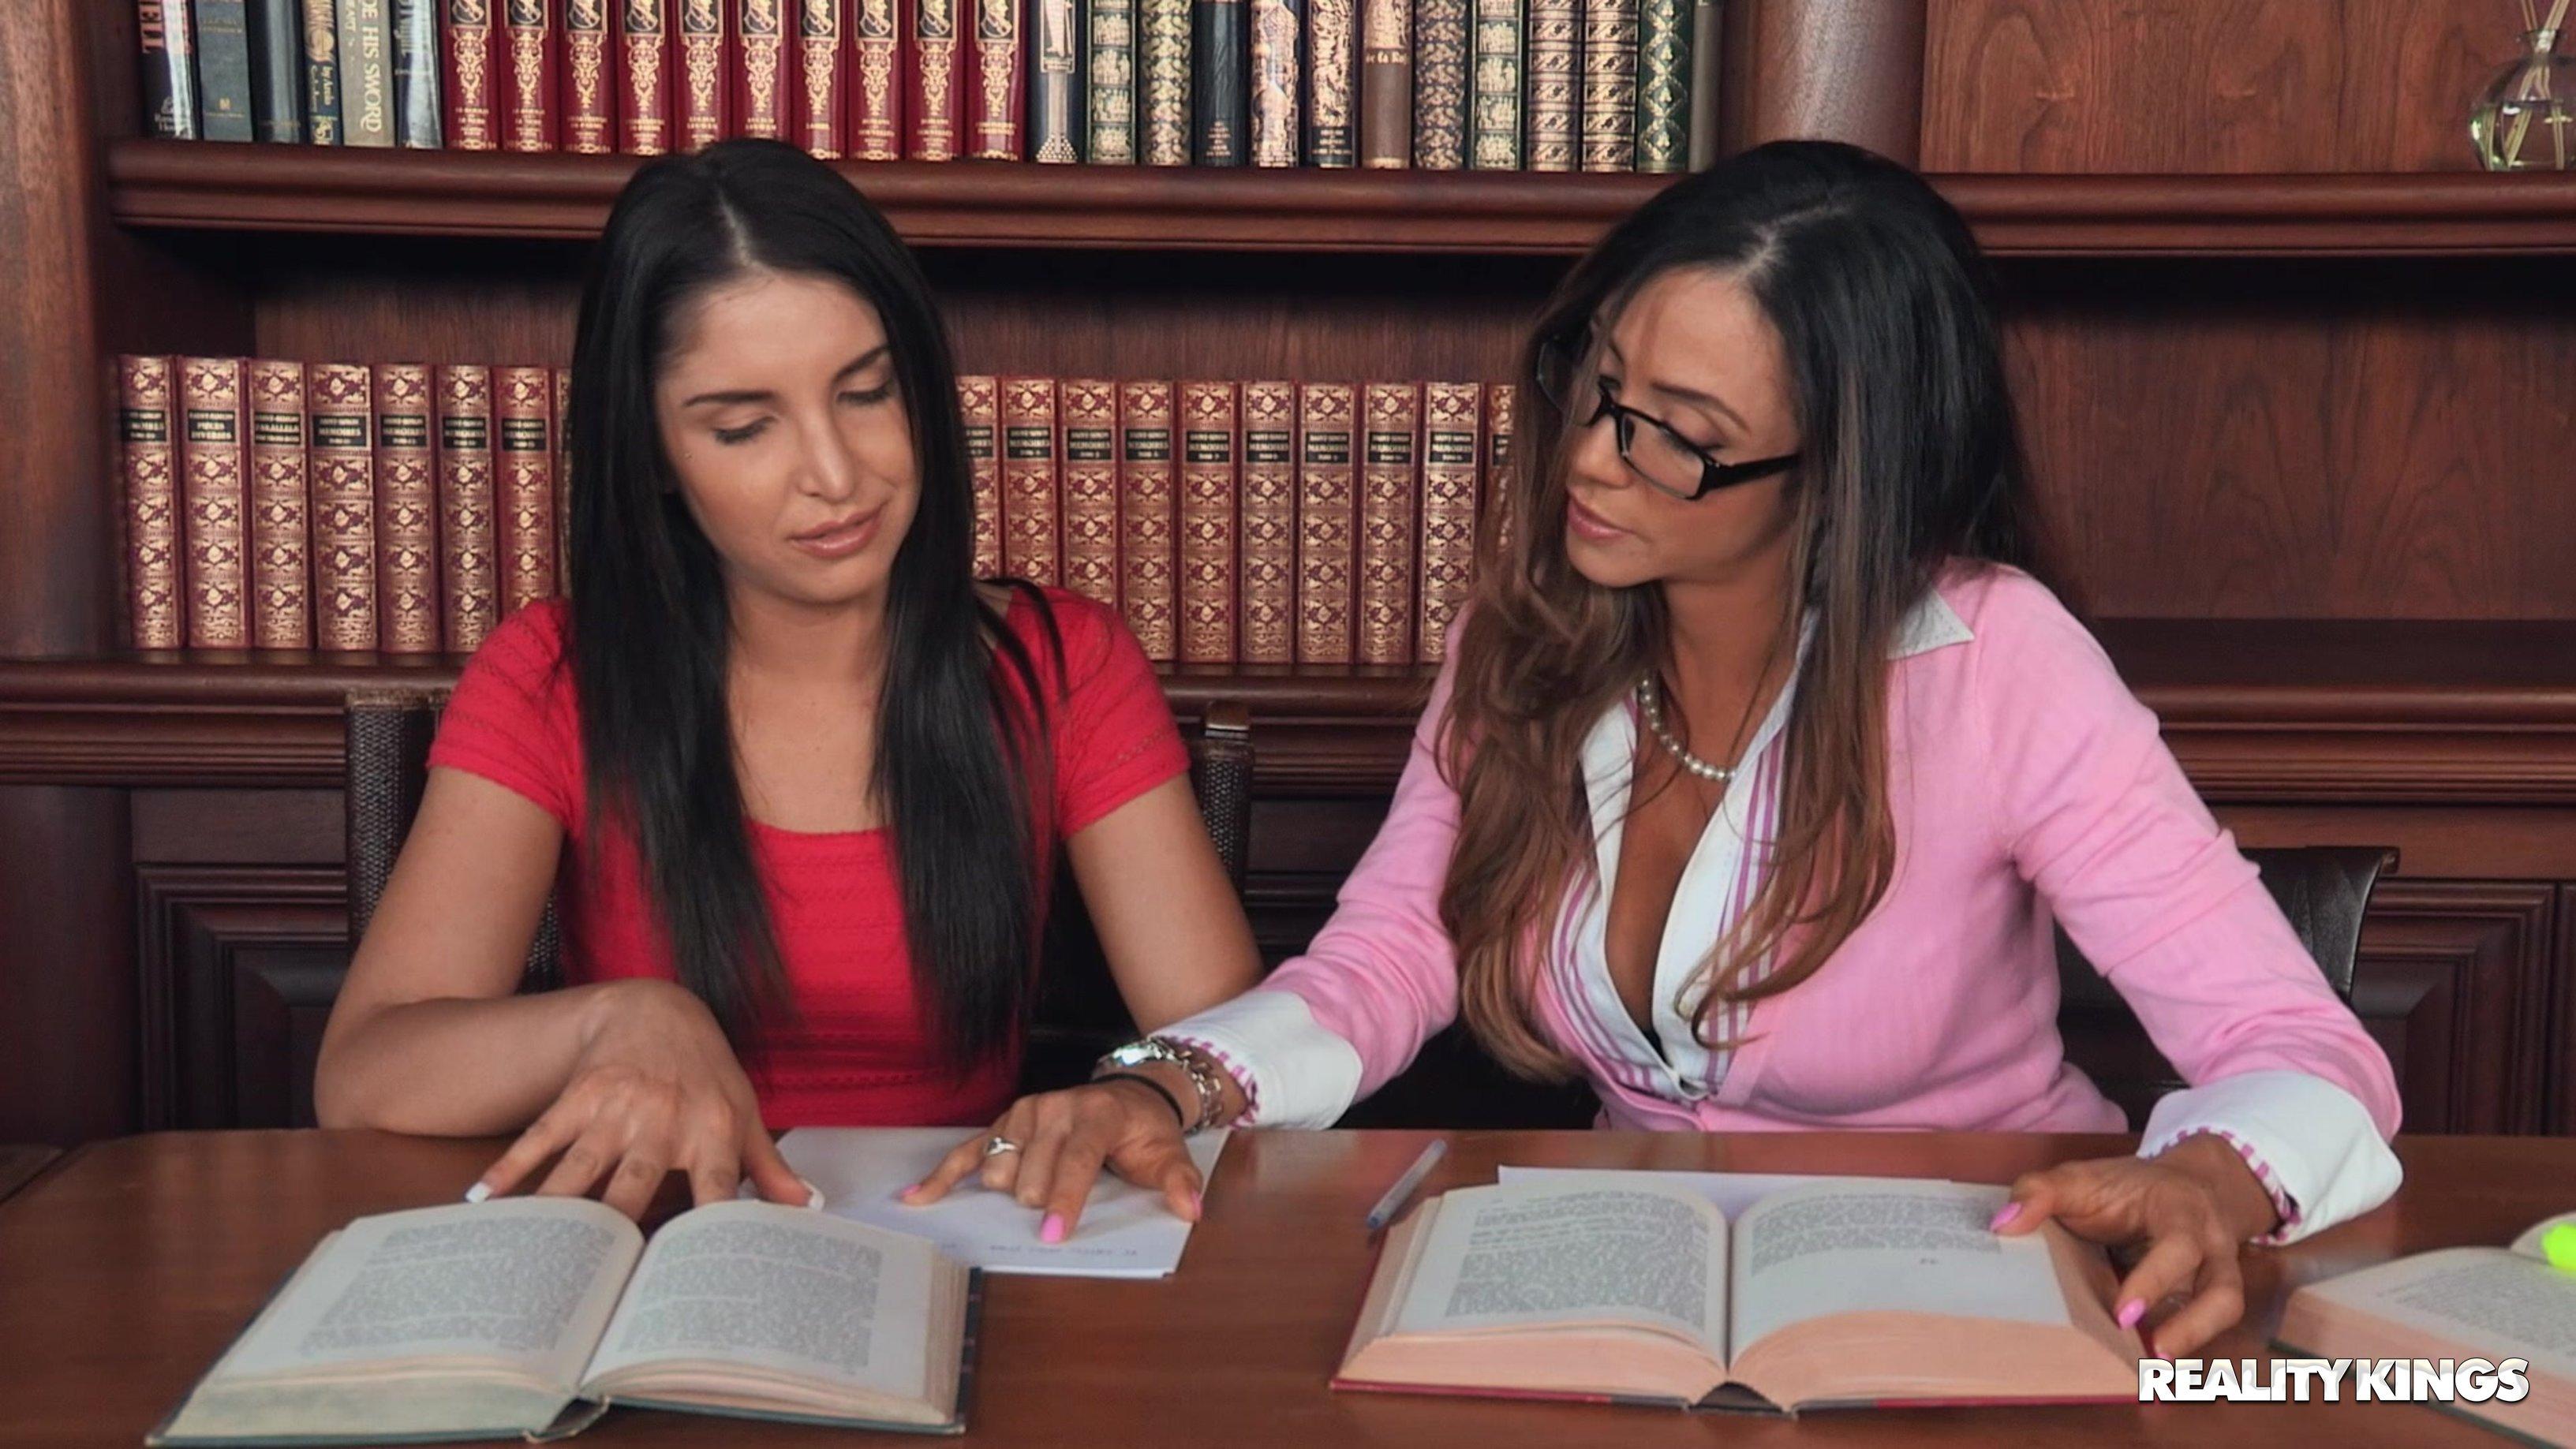 【網搜大尺度系列】Library Lesbians Caught 1【100P】 - 貼圖 - 歐美寫真 -